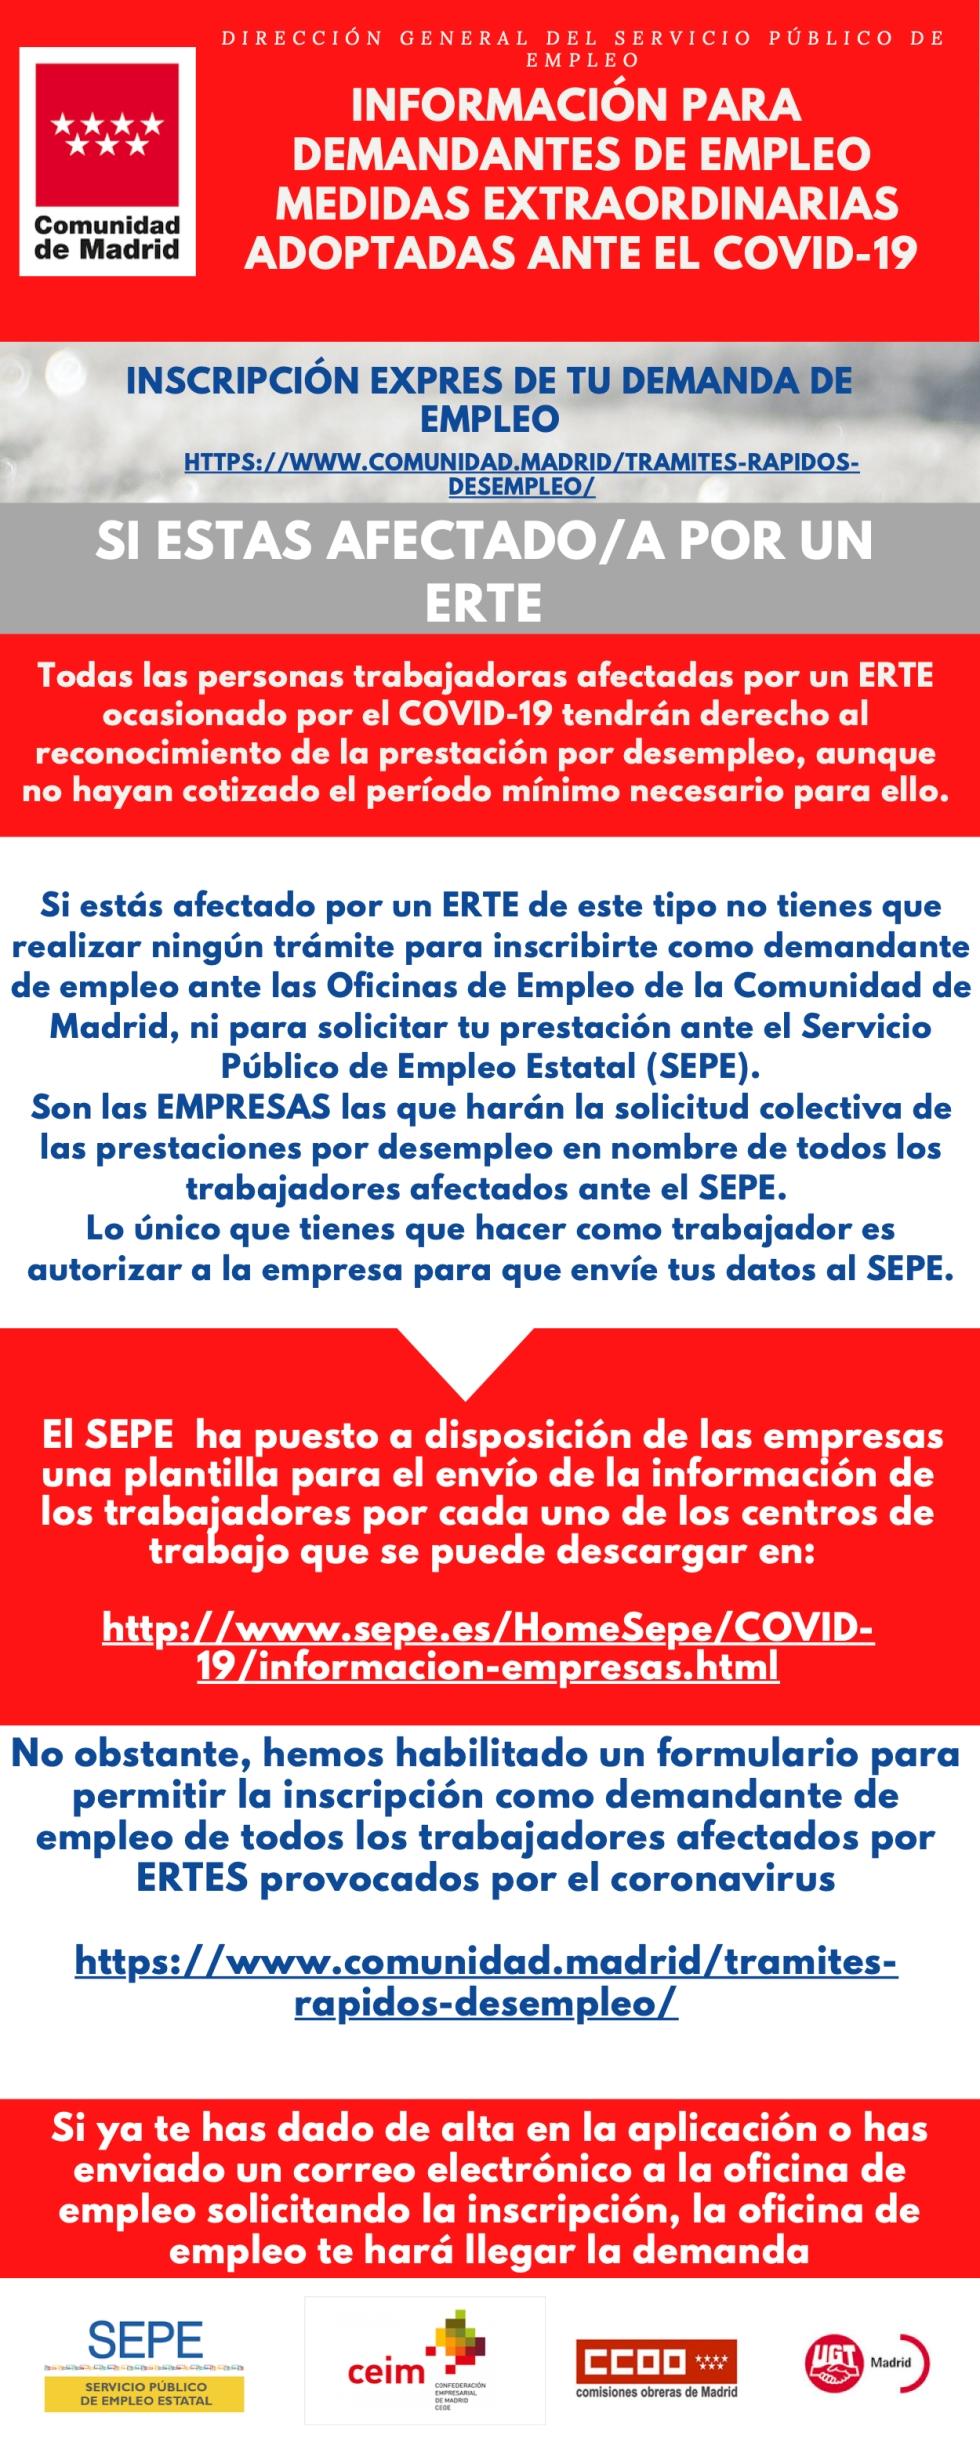 INFORMACIÓN PARA DEMANDANTES DE EMPLEO ANTE EL COVID-19 (2)